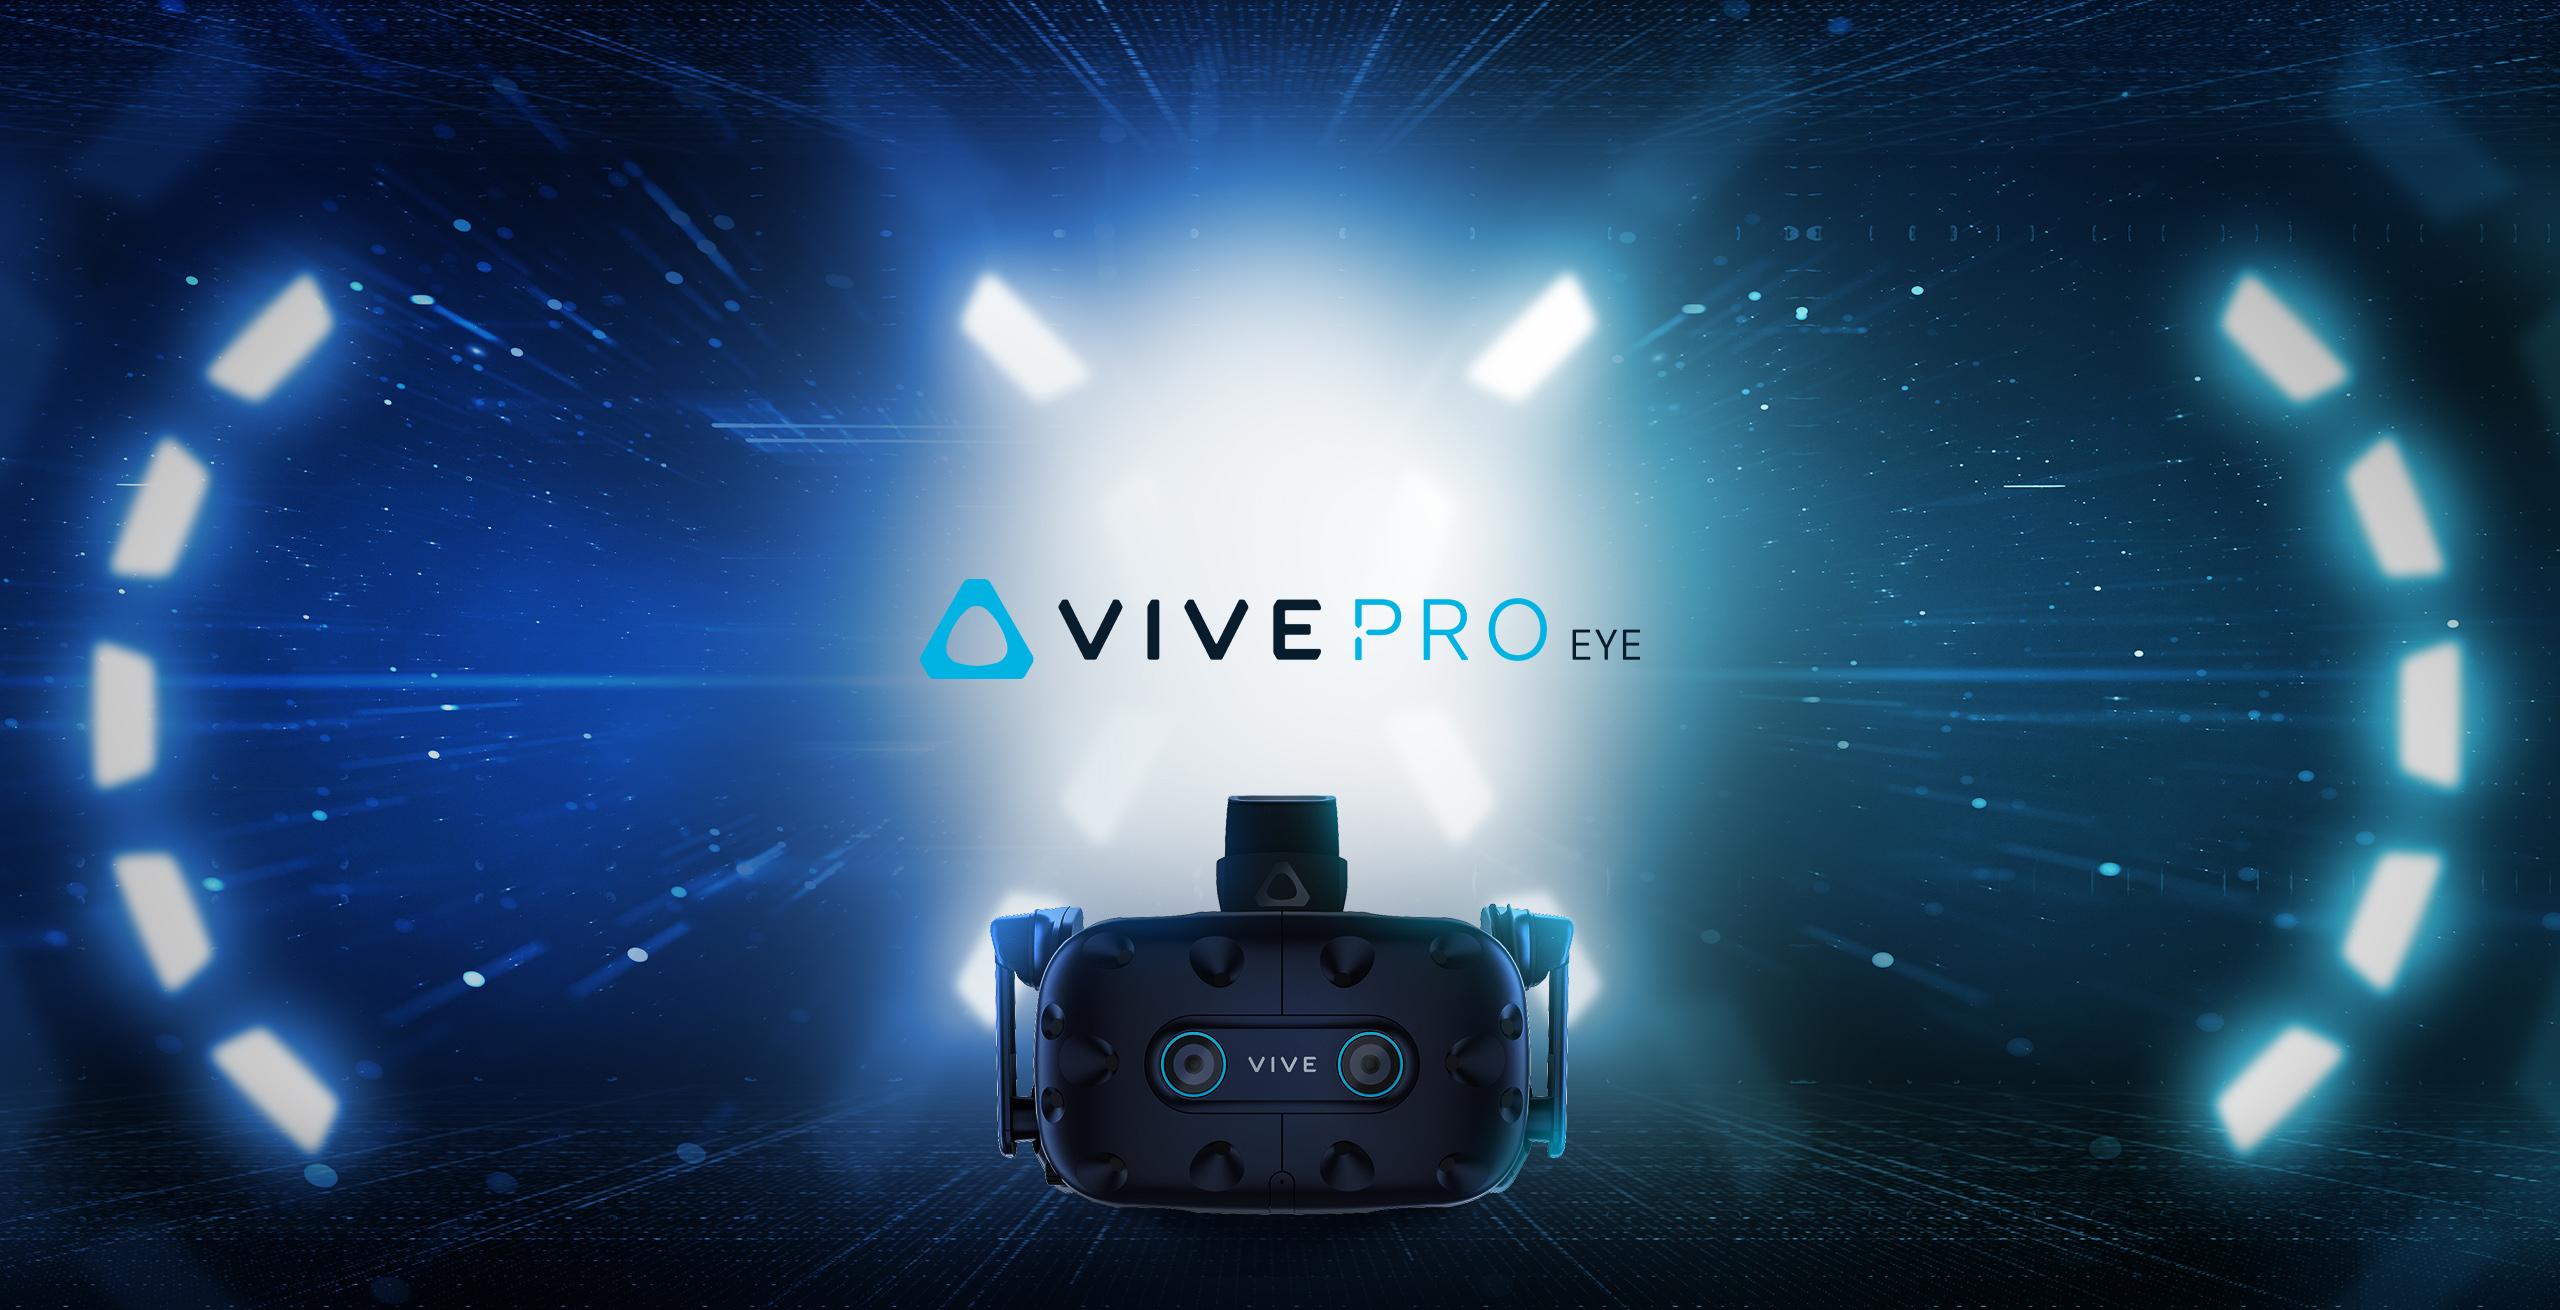 HTC新聞照片(VIVE Pro Eye KV)